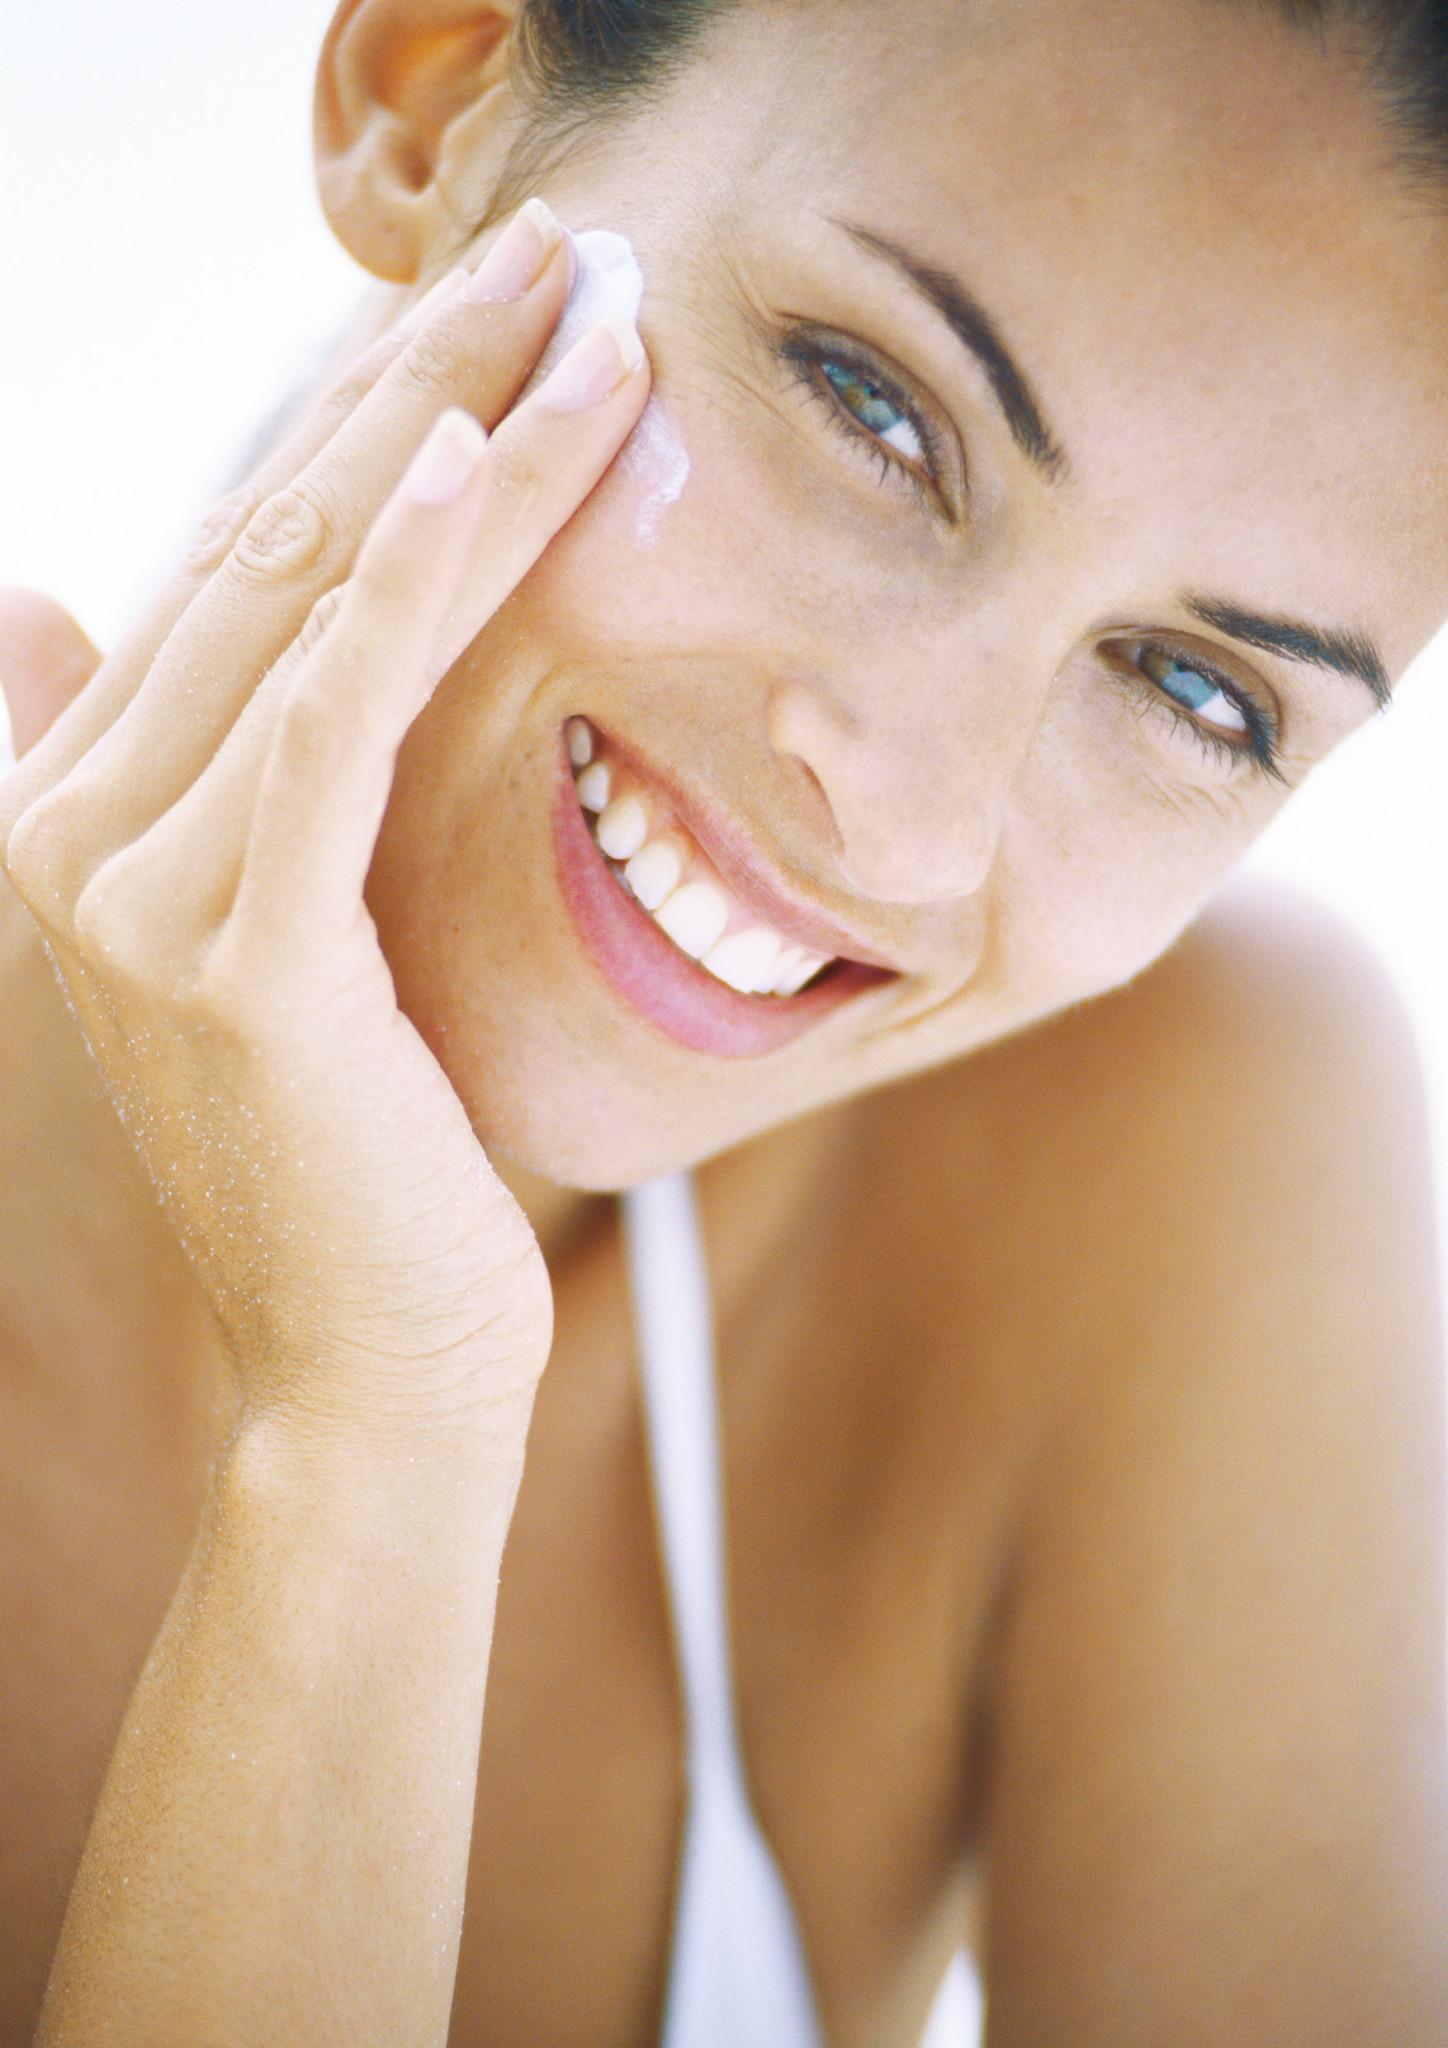 ©Alix Minde/AltoPress/Maxppp ; Woman applying sunscreen to face, close-up